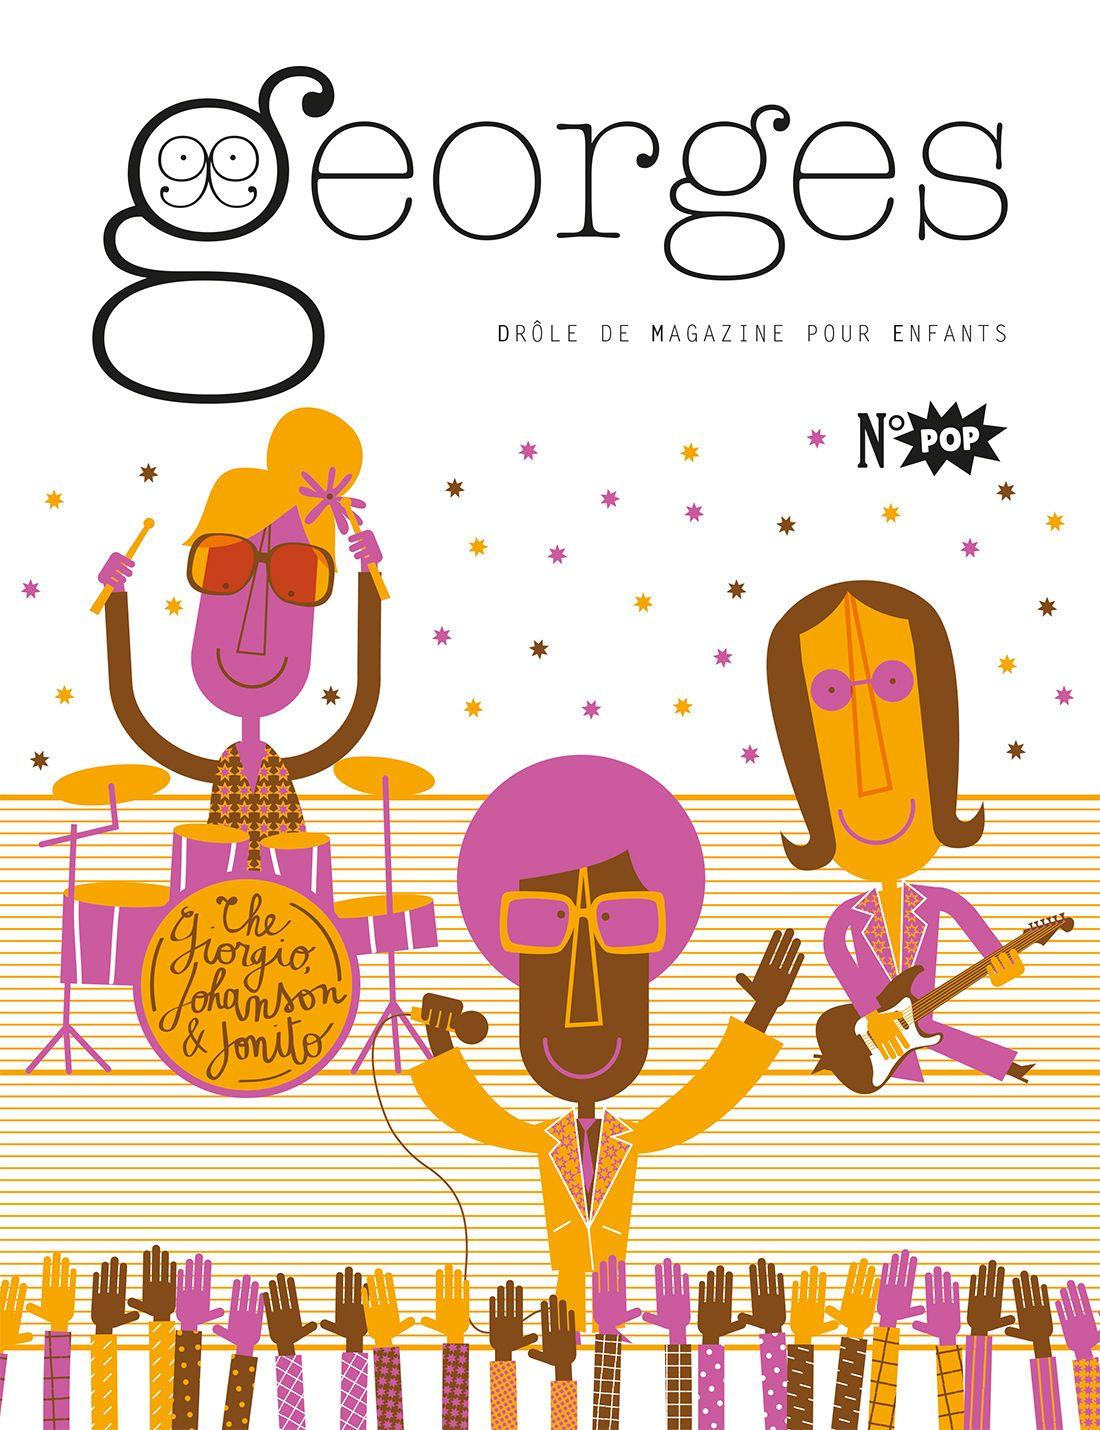 Картинки по запросу magazines pour enfants   Картинки